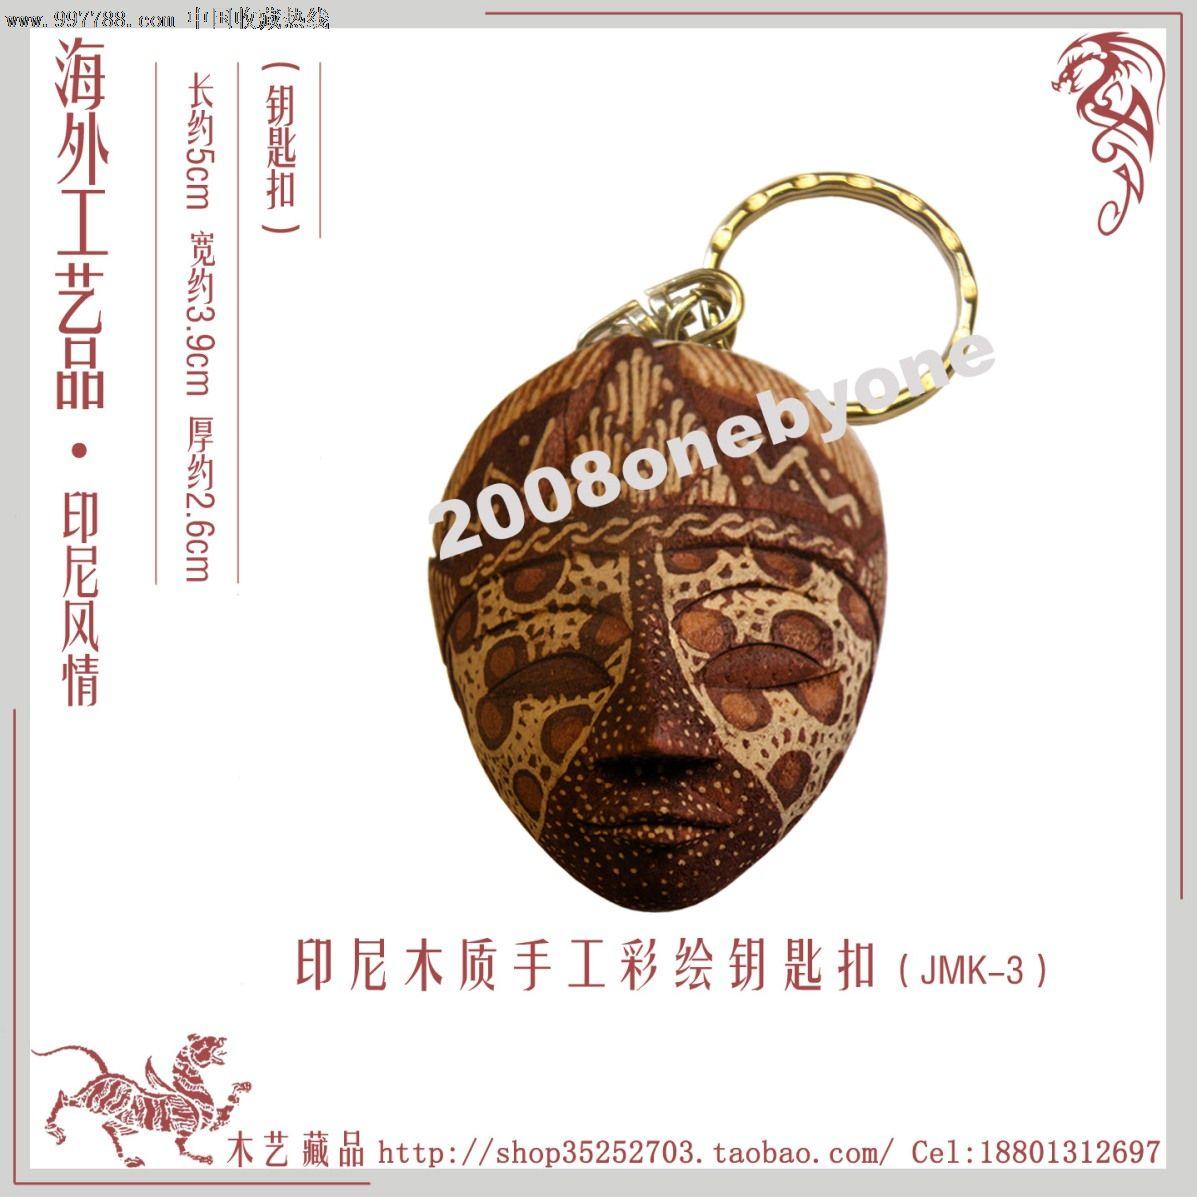 印尼工艺品/印尼特色/巴厘岛/印尼木雕/印尼脸谱/钥匙